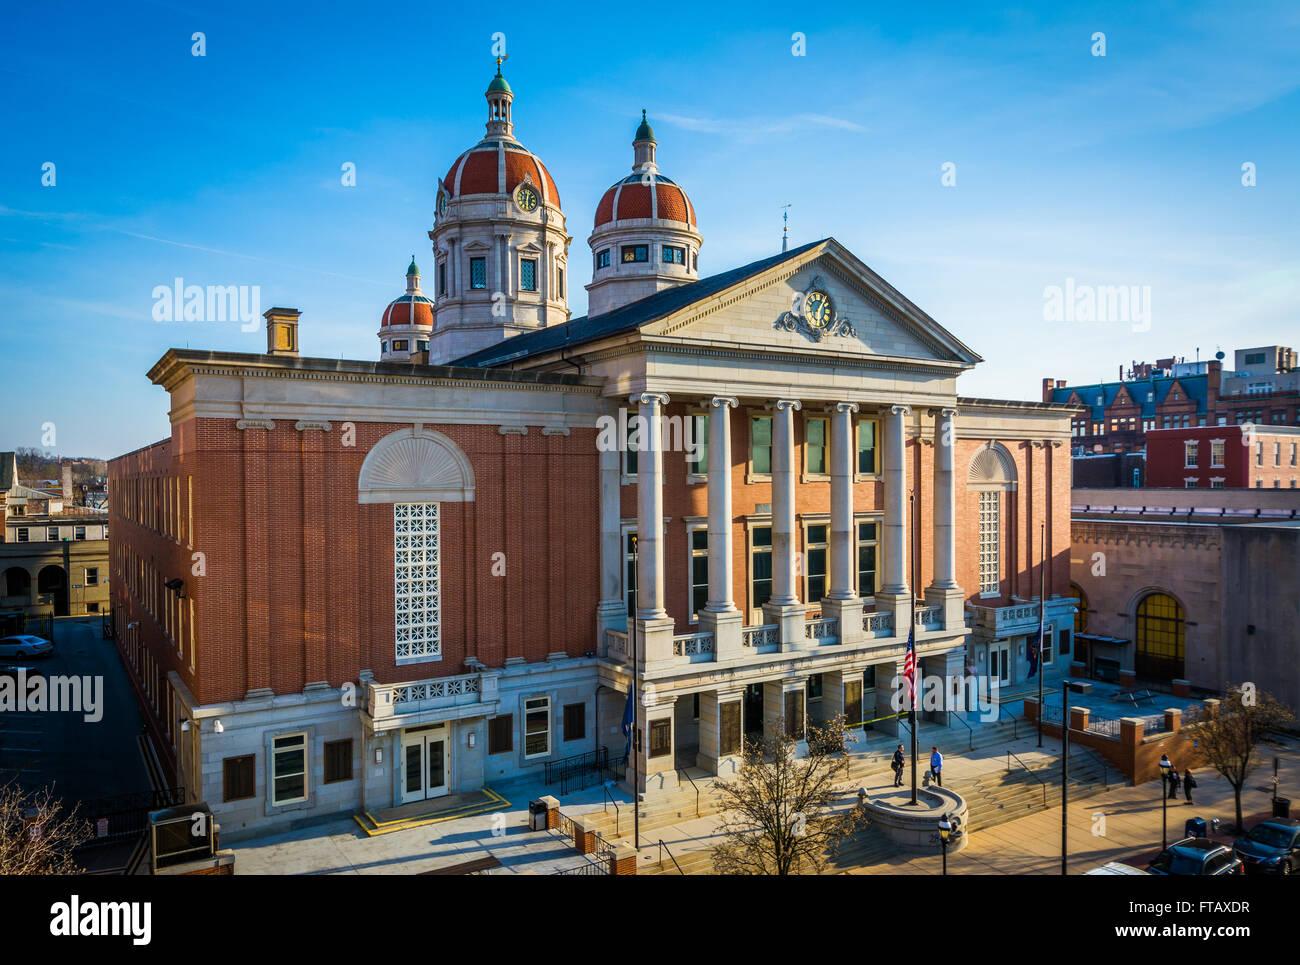 Vue sur le palais de justice du comté de York, à York, Pennsylvanie. Photo Stock